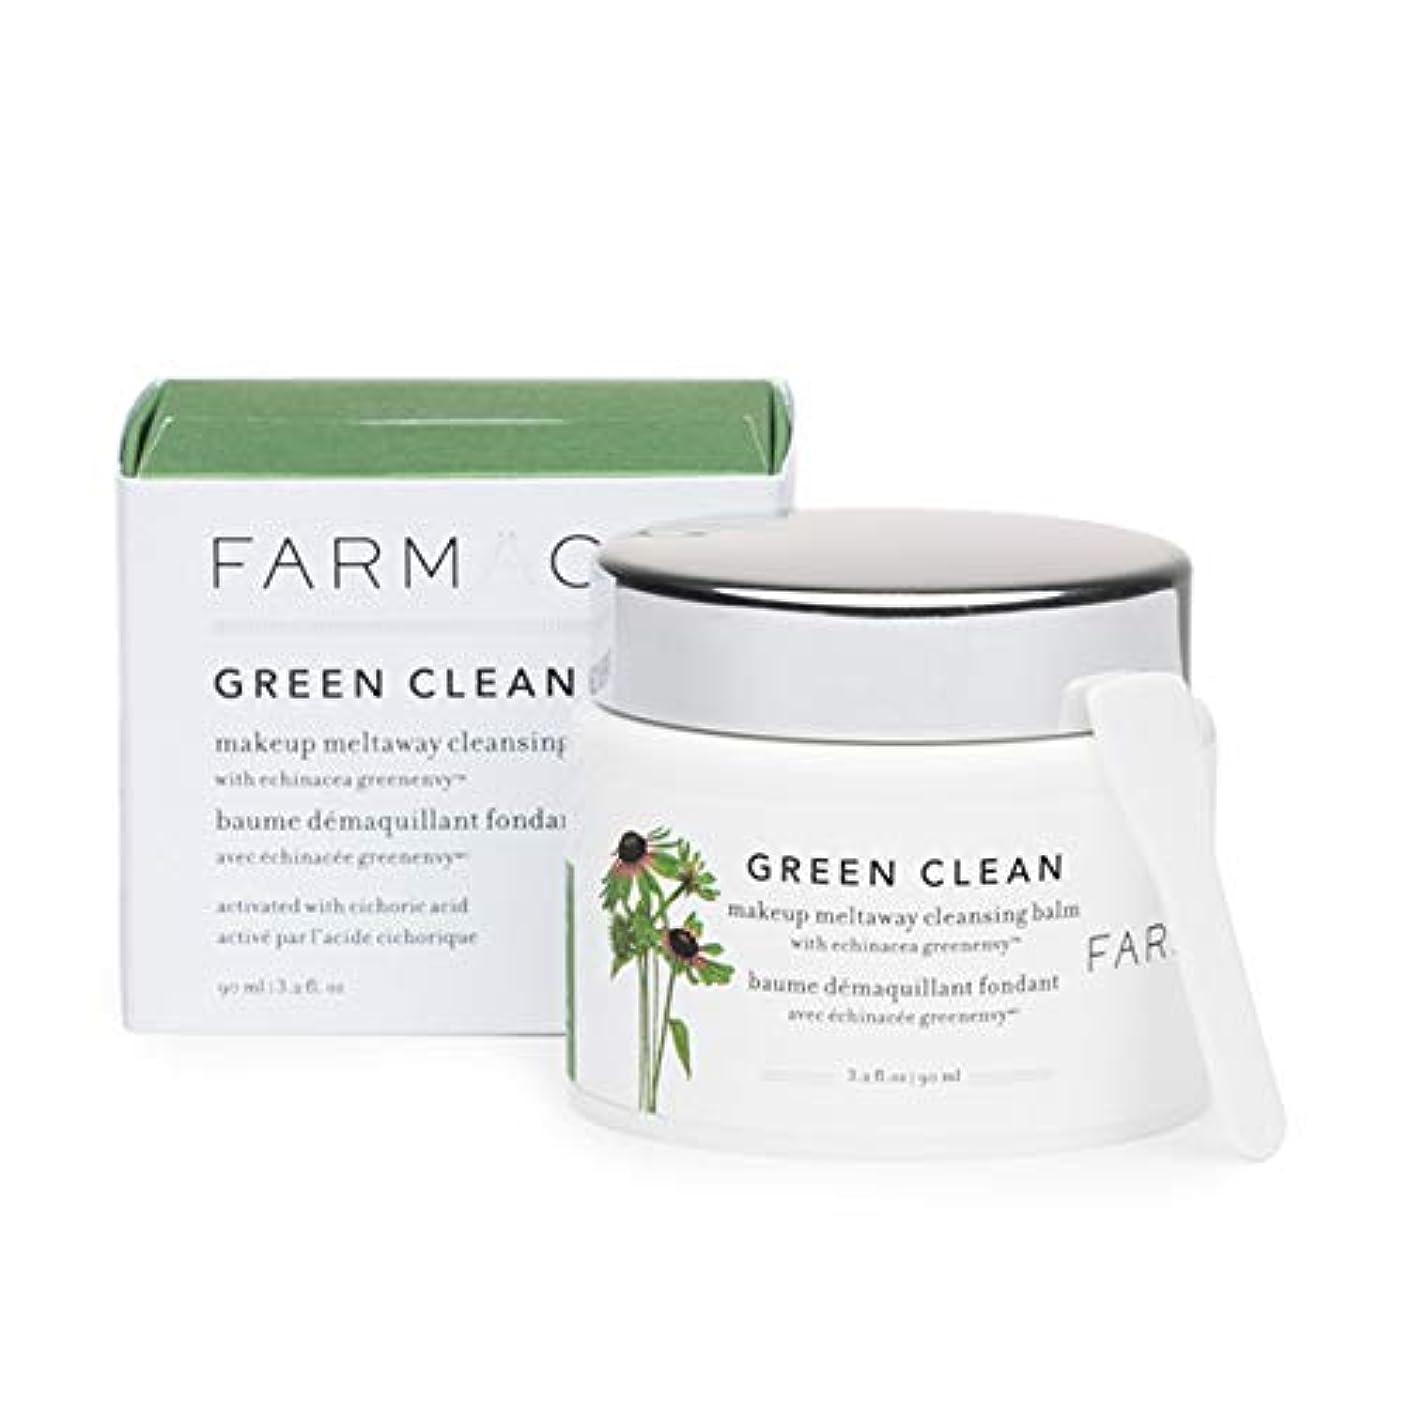 宿泊イノセンス植物学者[FARMACY] GREEN CLEAN 90ml / ファーマシーグリーンクリーン 90ml [並行輸入品]